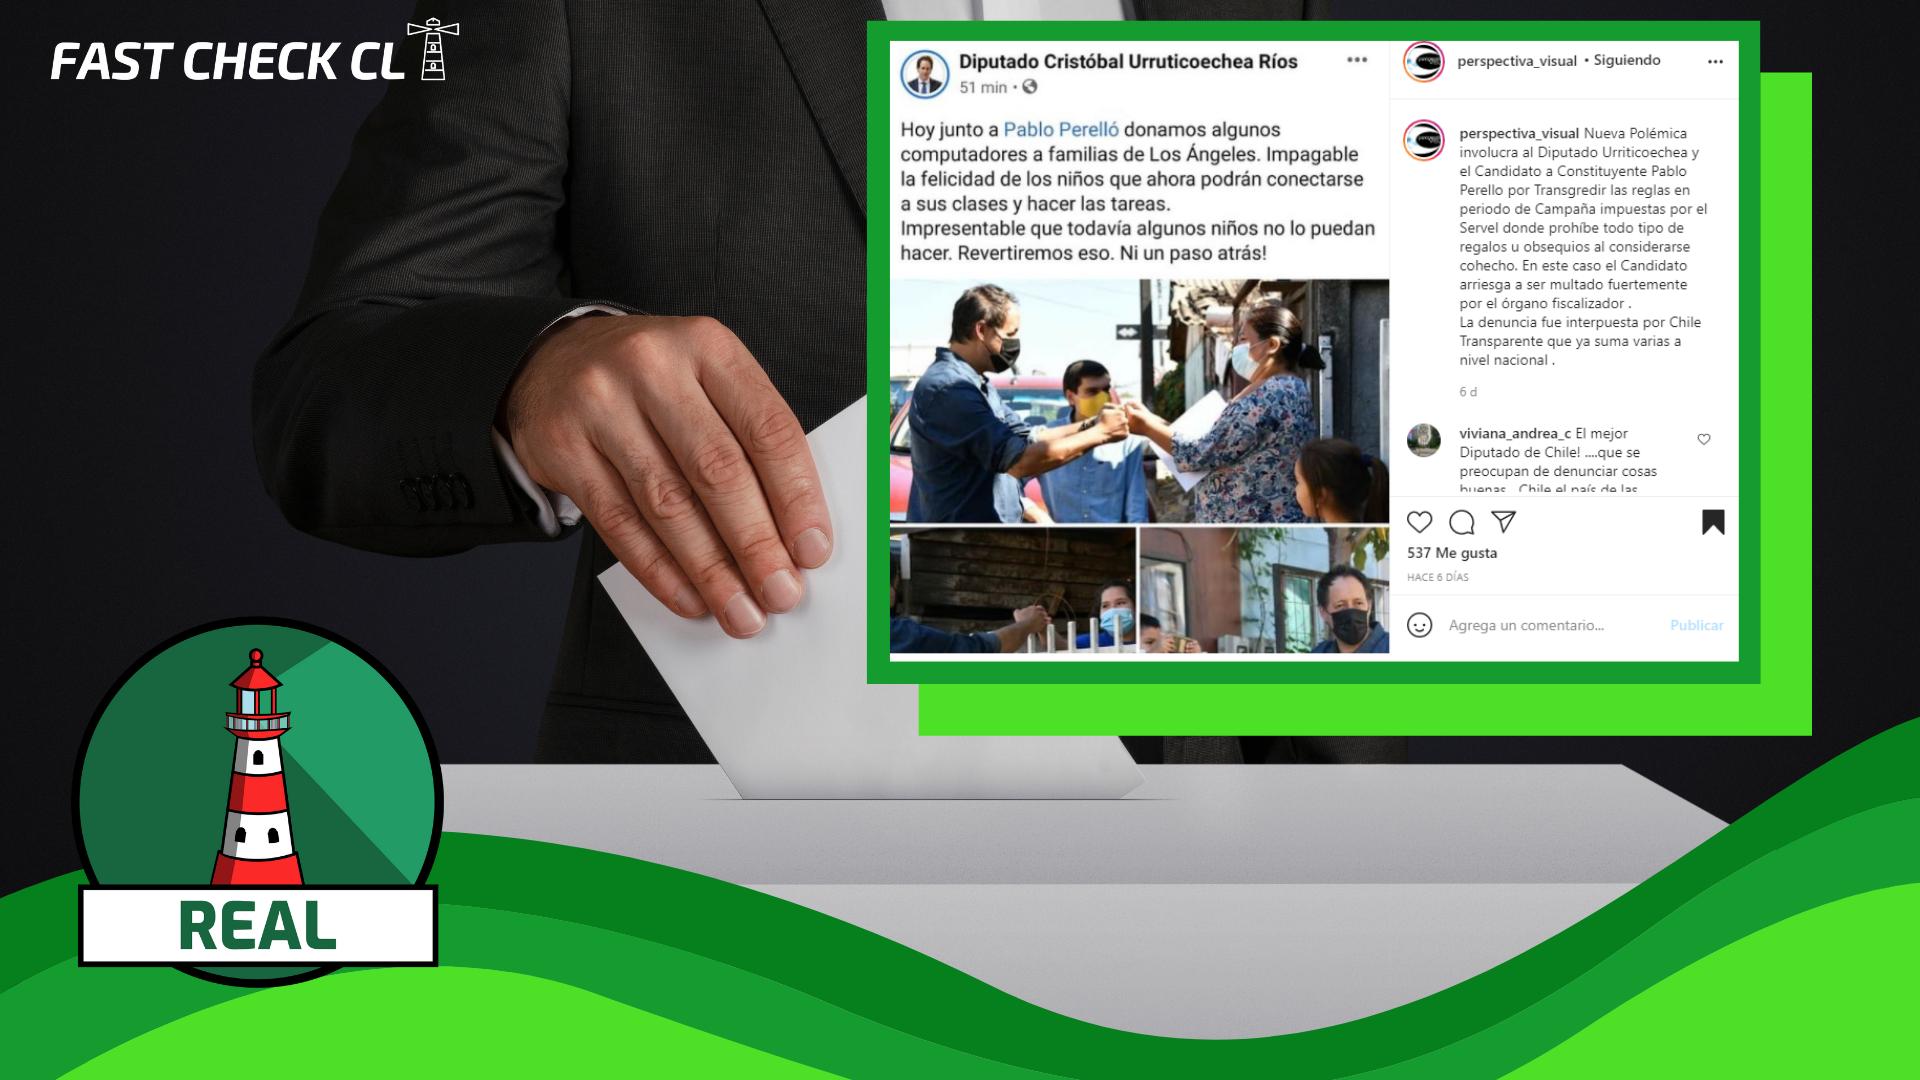 Diputado Cristóbal Urruticoechea y Pablo Perelló, candidato constituyente del distrito 21, regalaron computadores a familias en Los Ángeles durante periodo electoral: #Real